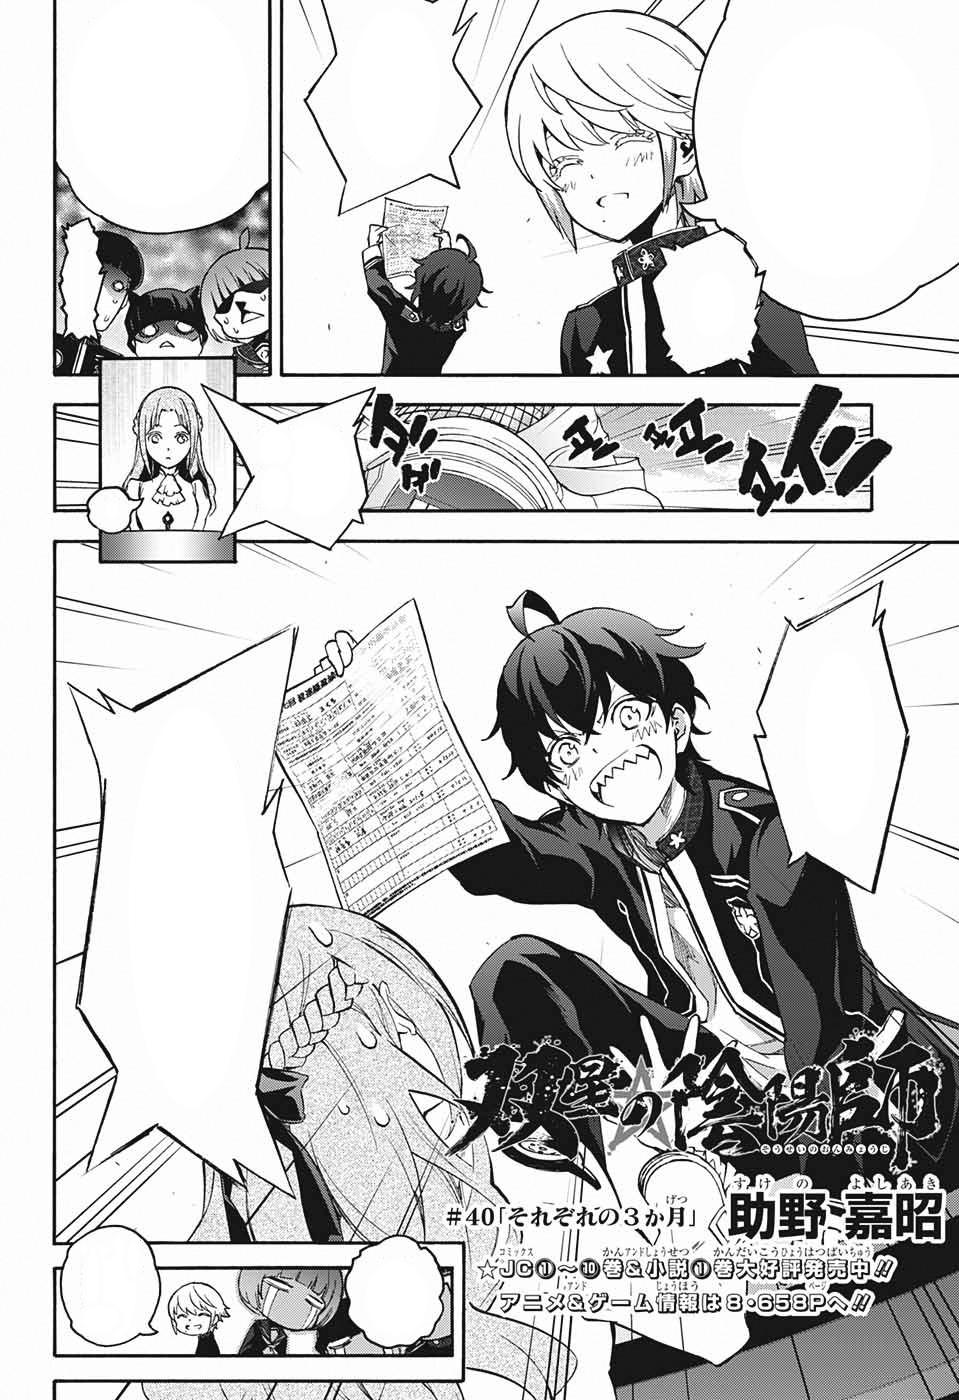 sousei no onmyouji chapter 41